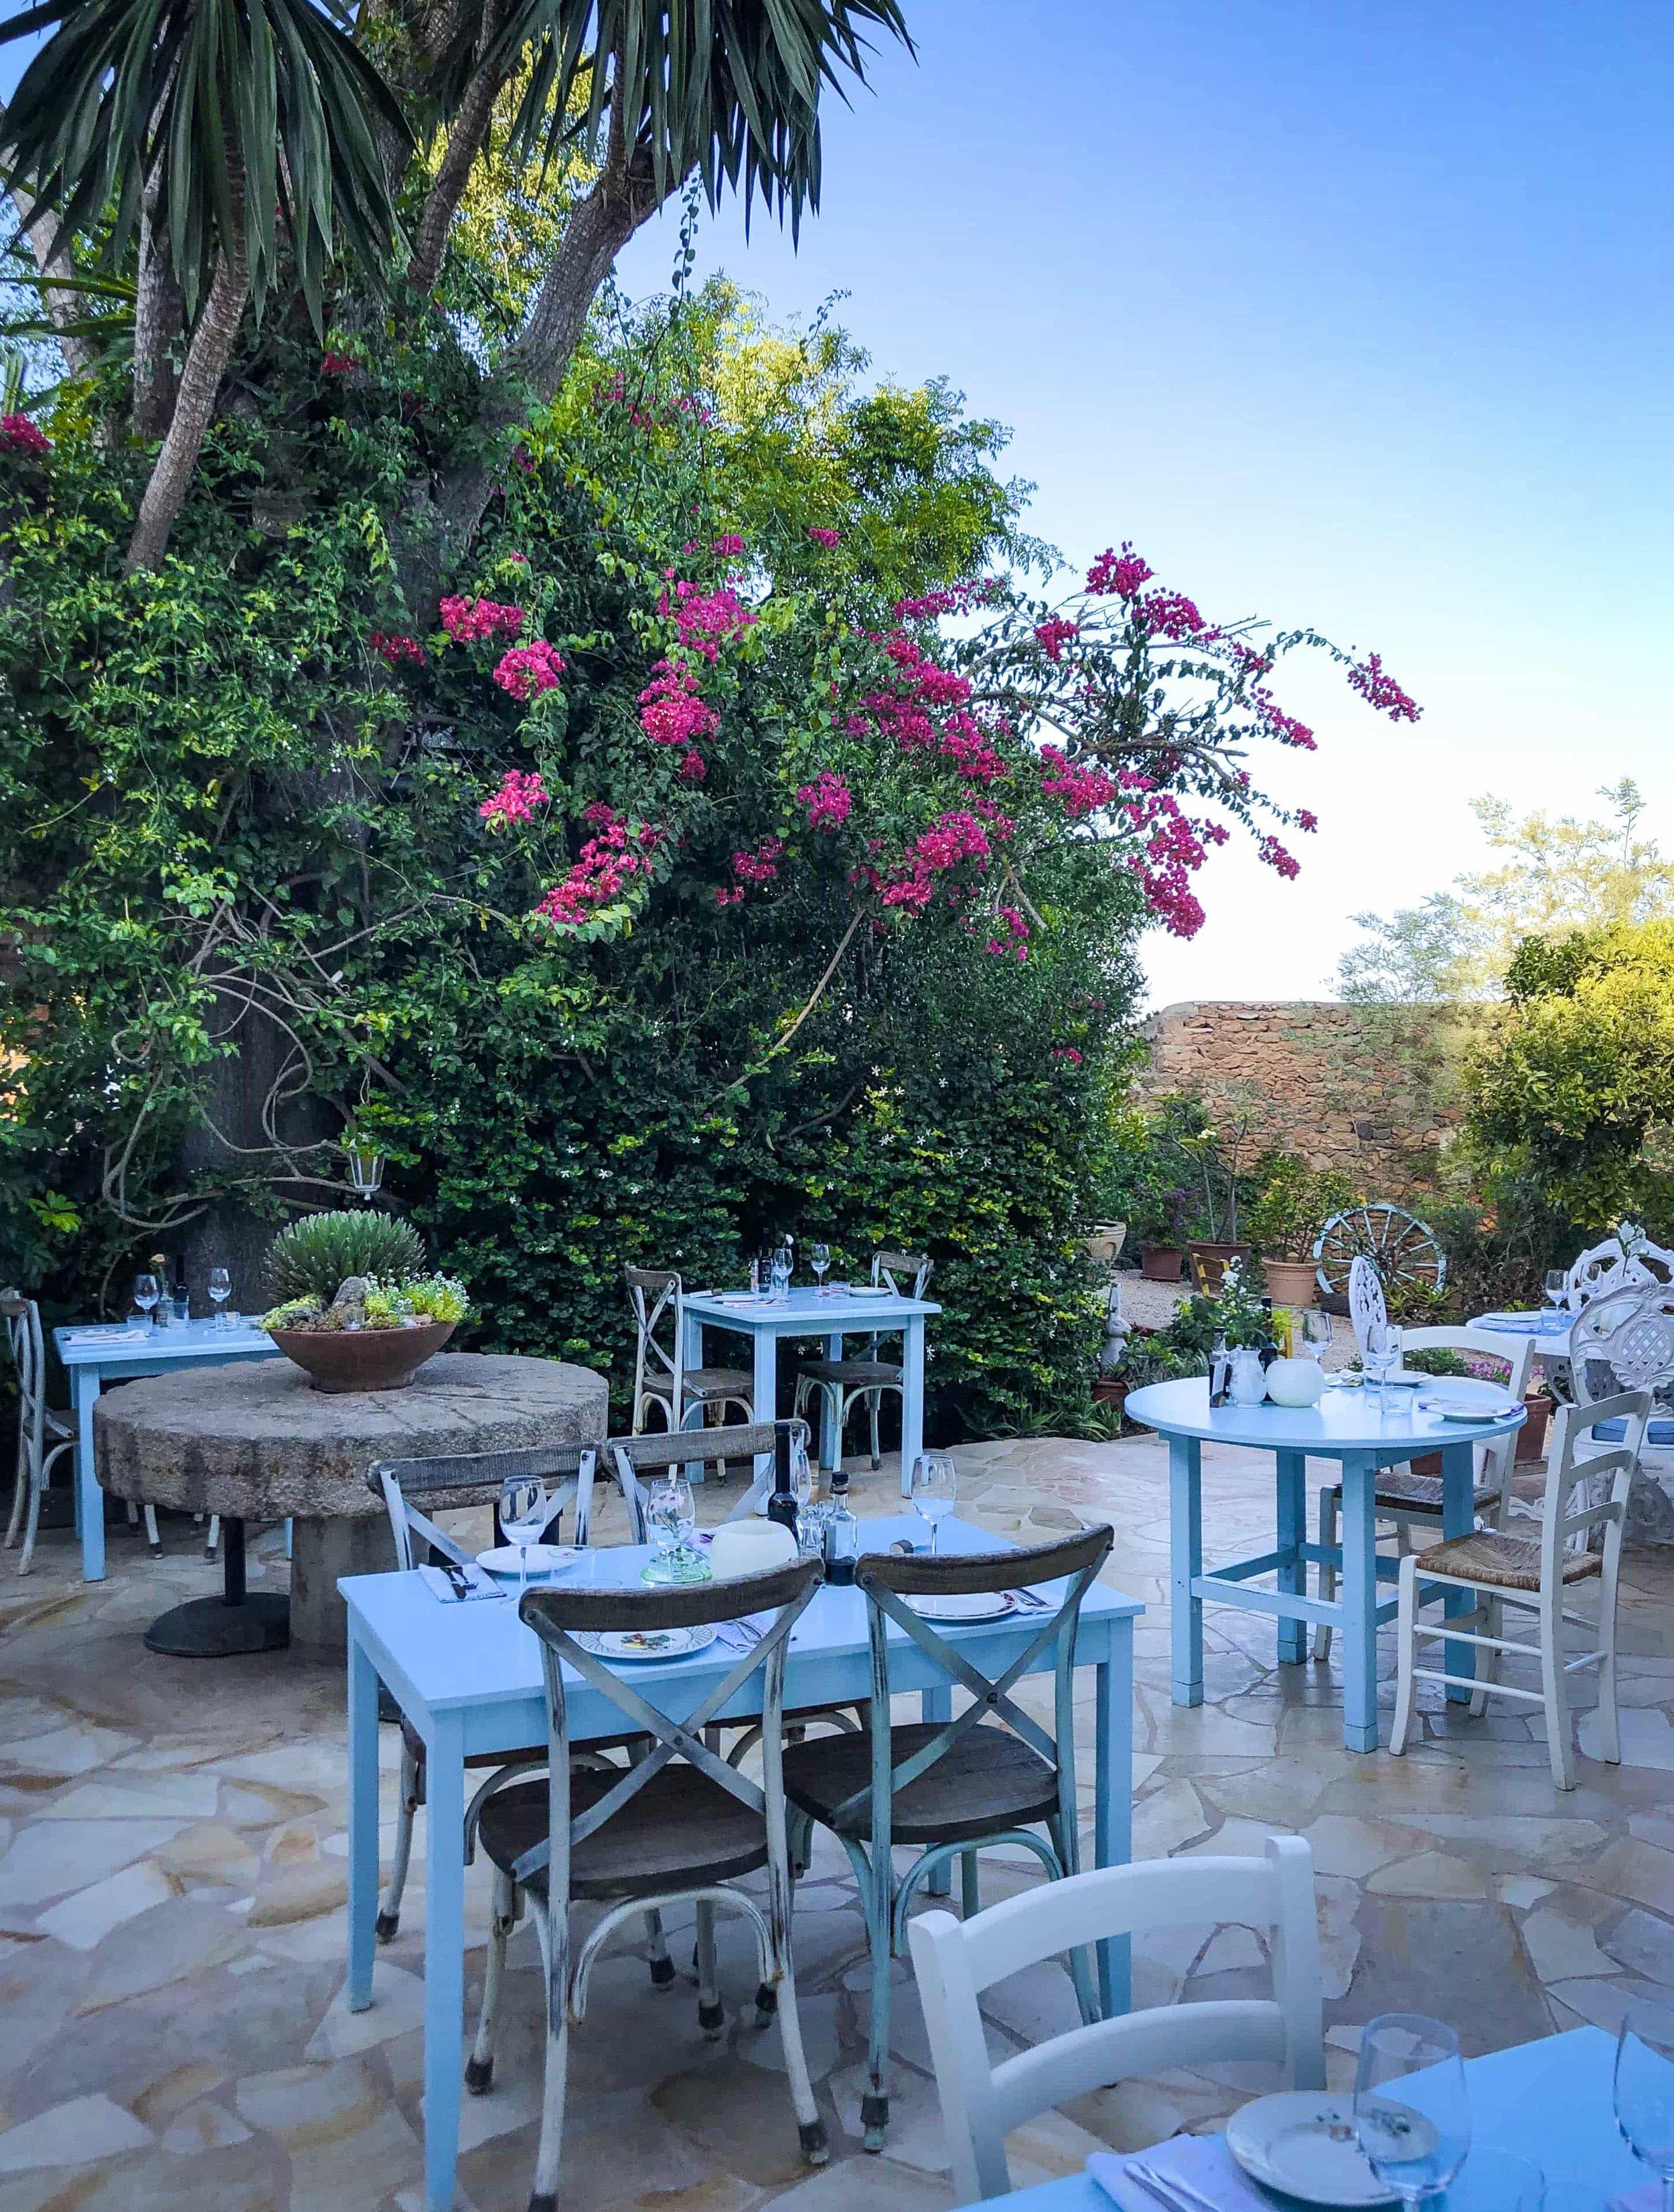 La_Paloma_Eat_&_Drink_Weston_Table.jpg